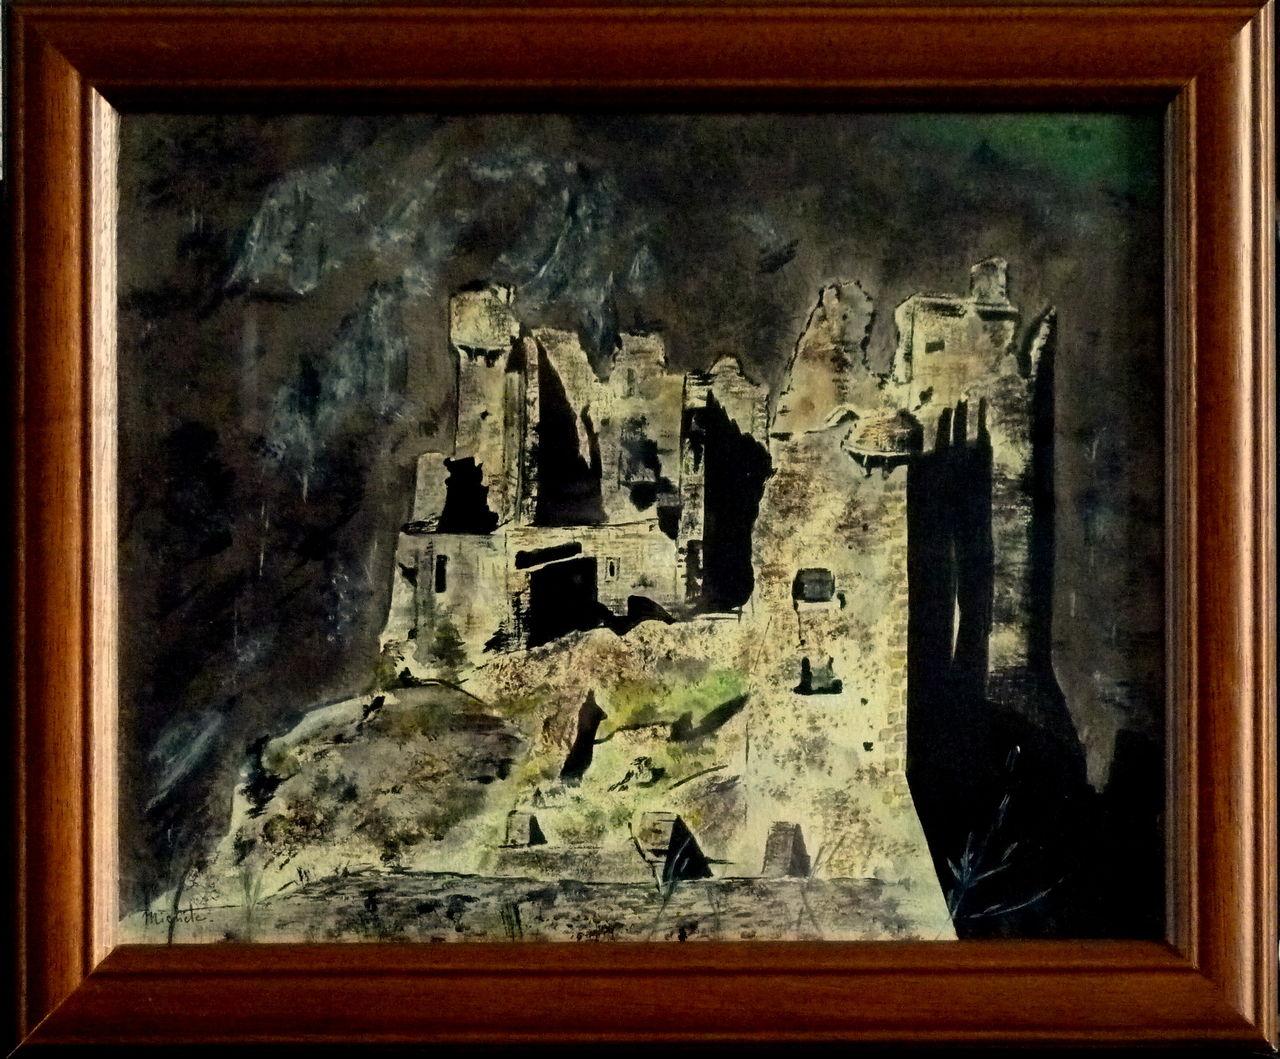 Michele martin le chateau Rocher.63